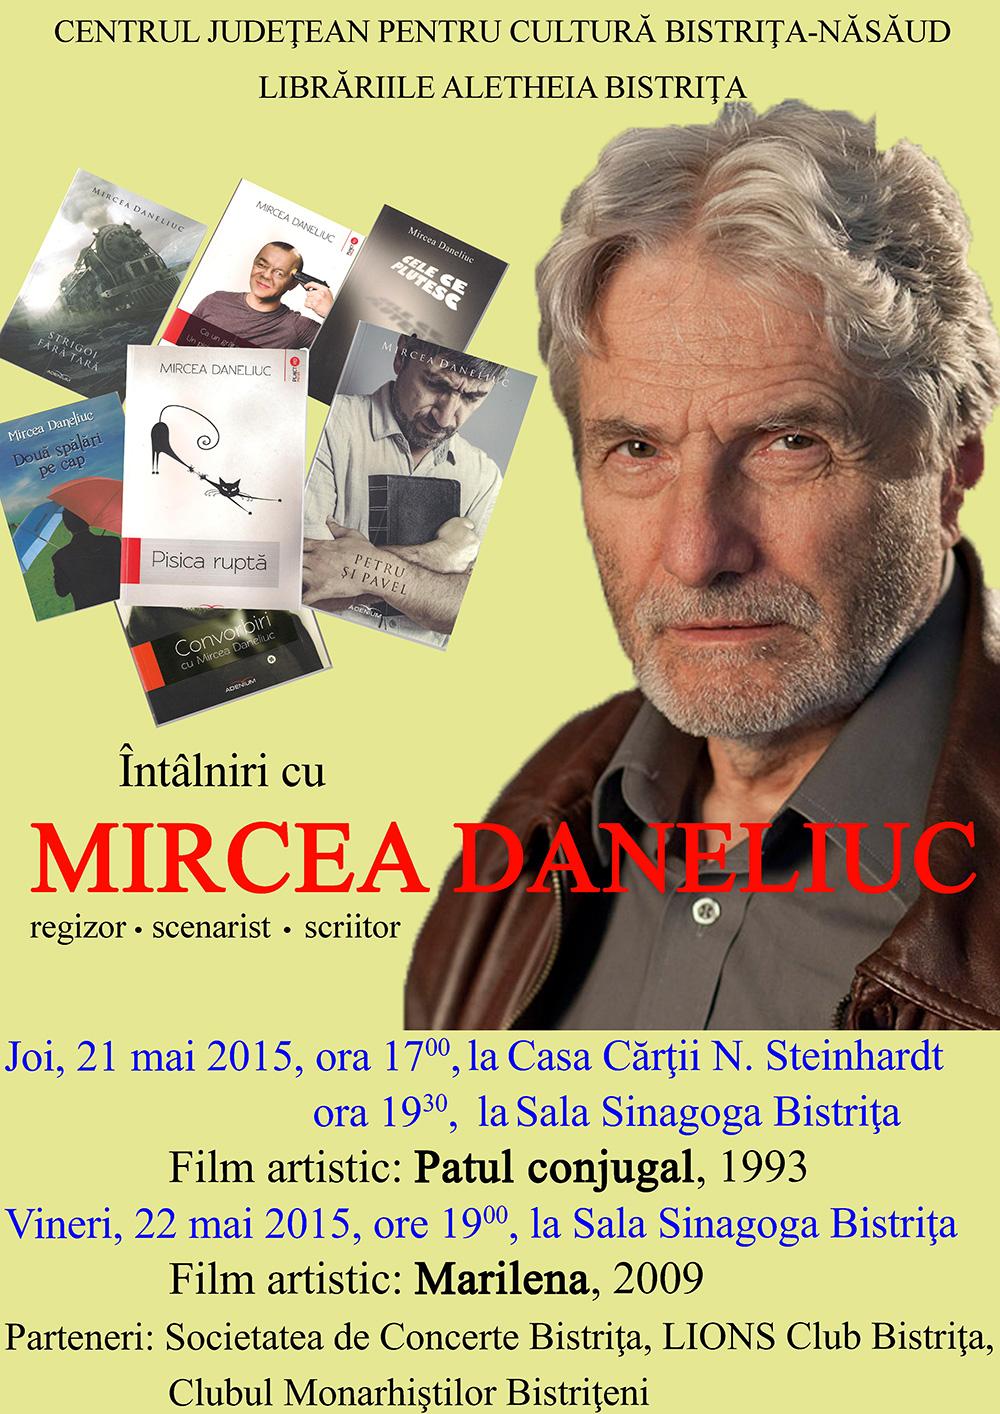 poster-mircea-daneliuc